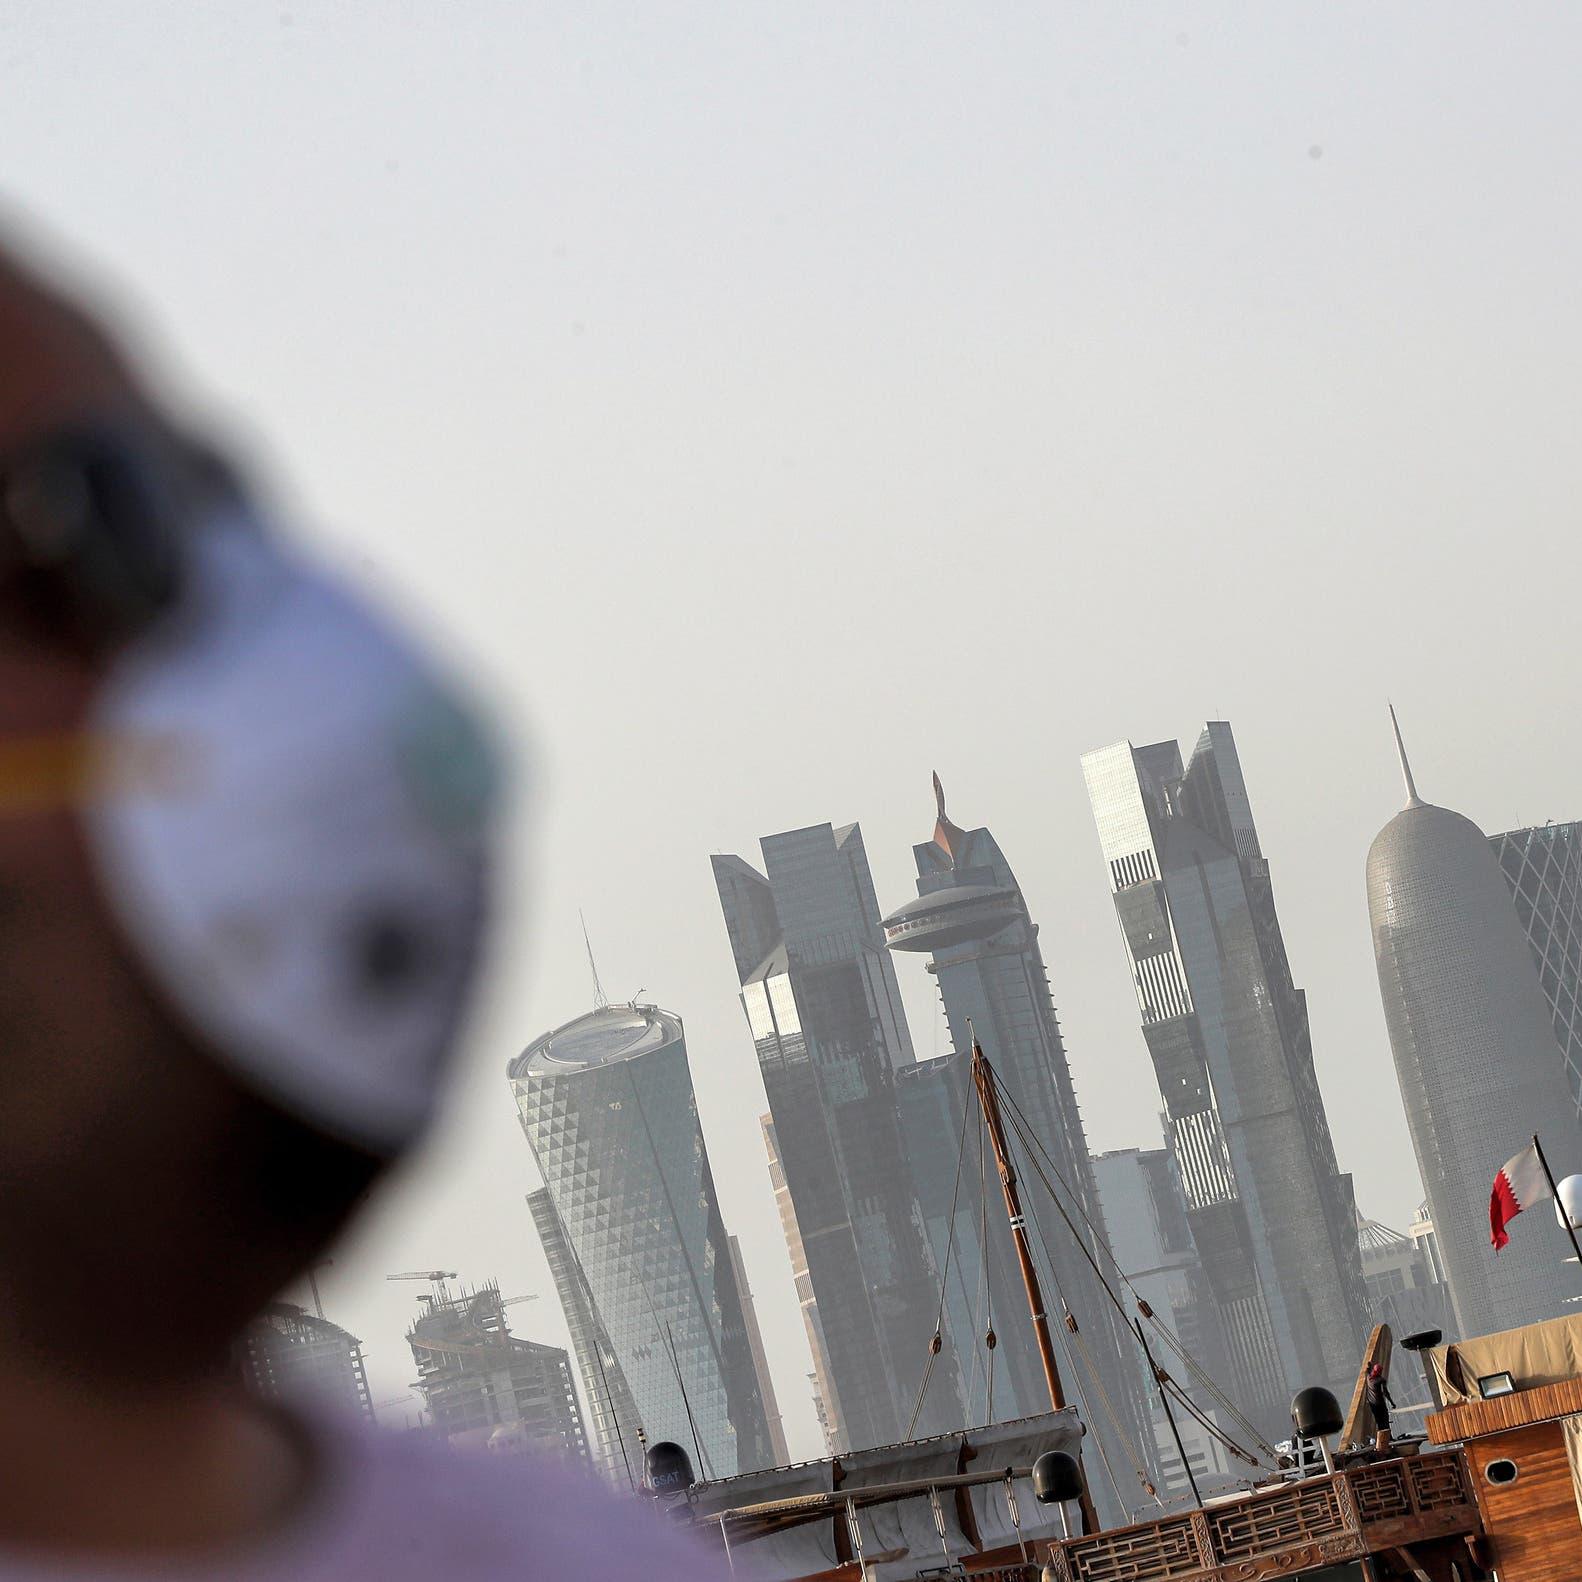 قطر تواصل حملة تخفيض الرواتب وفصل الموظفين